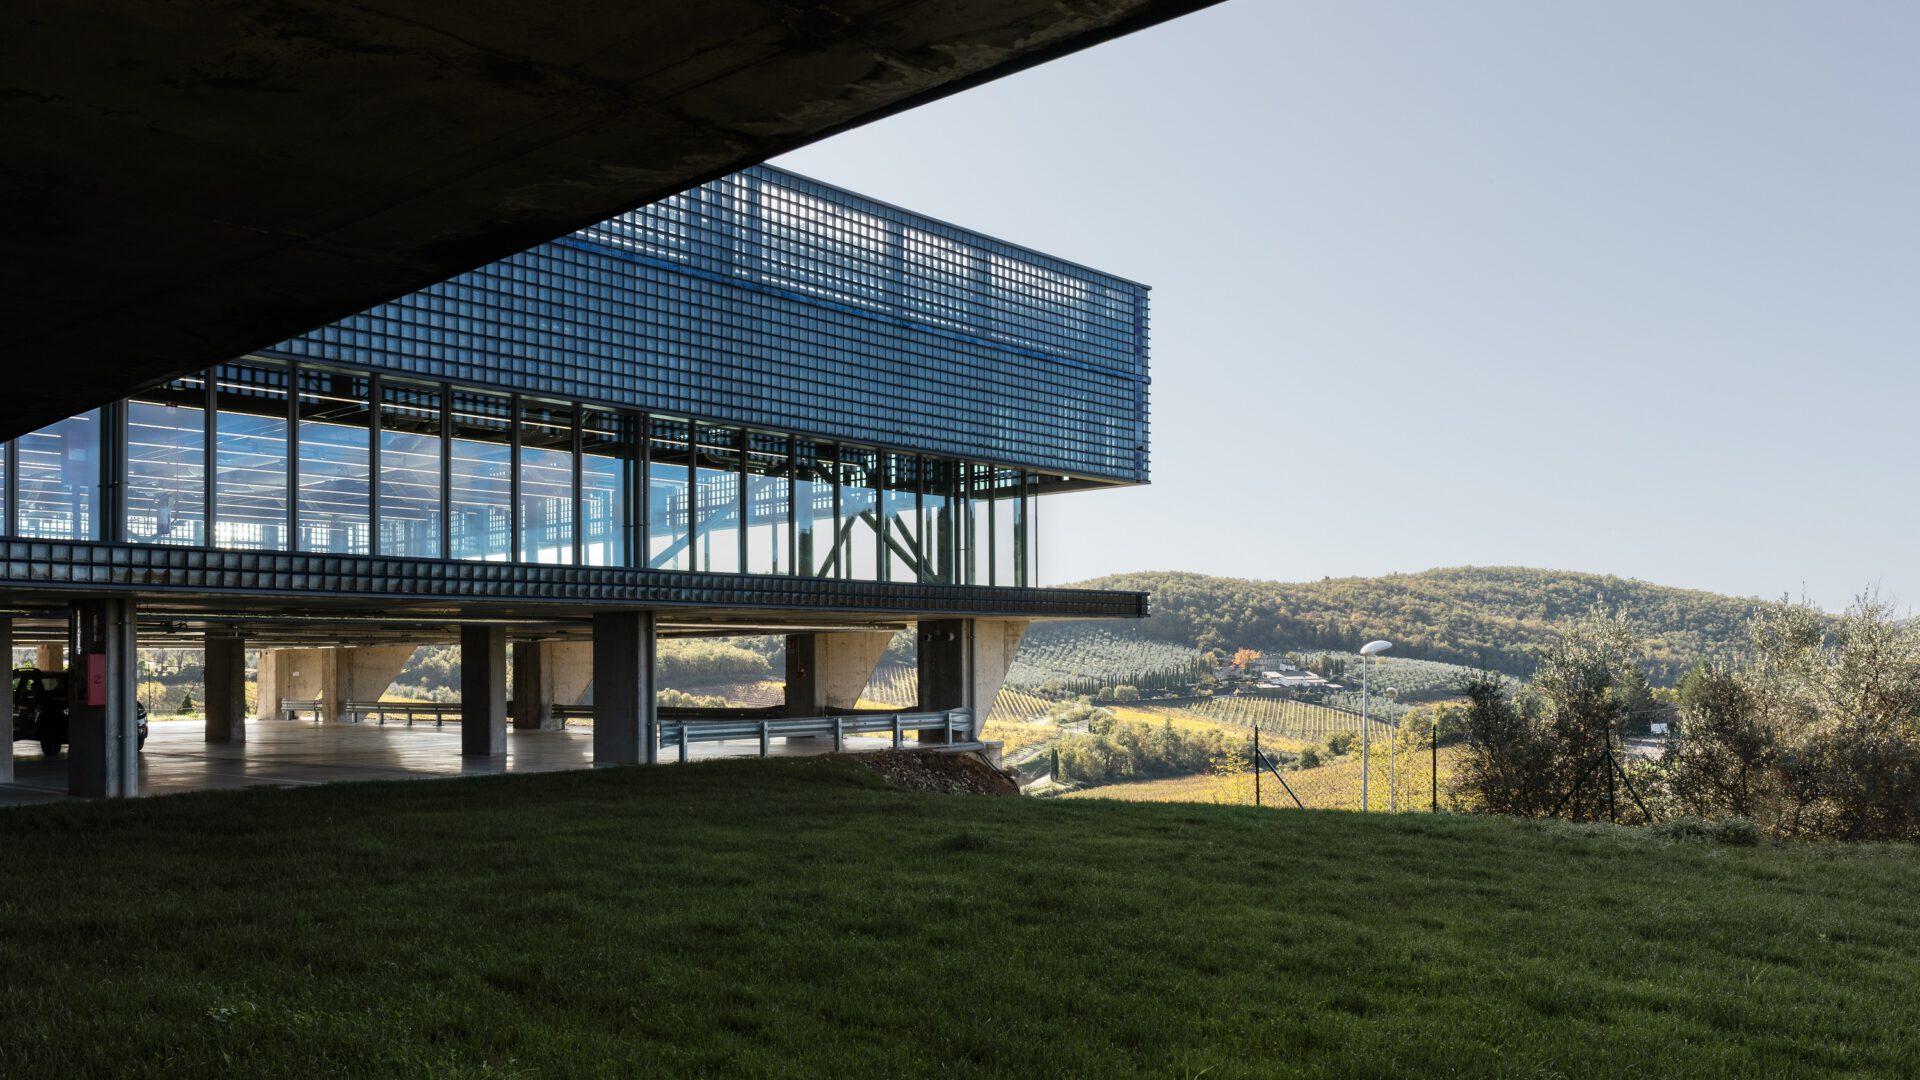 Nowa fabryka Celine w otoczeniu toskańskich winnic